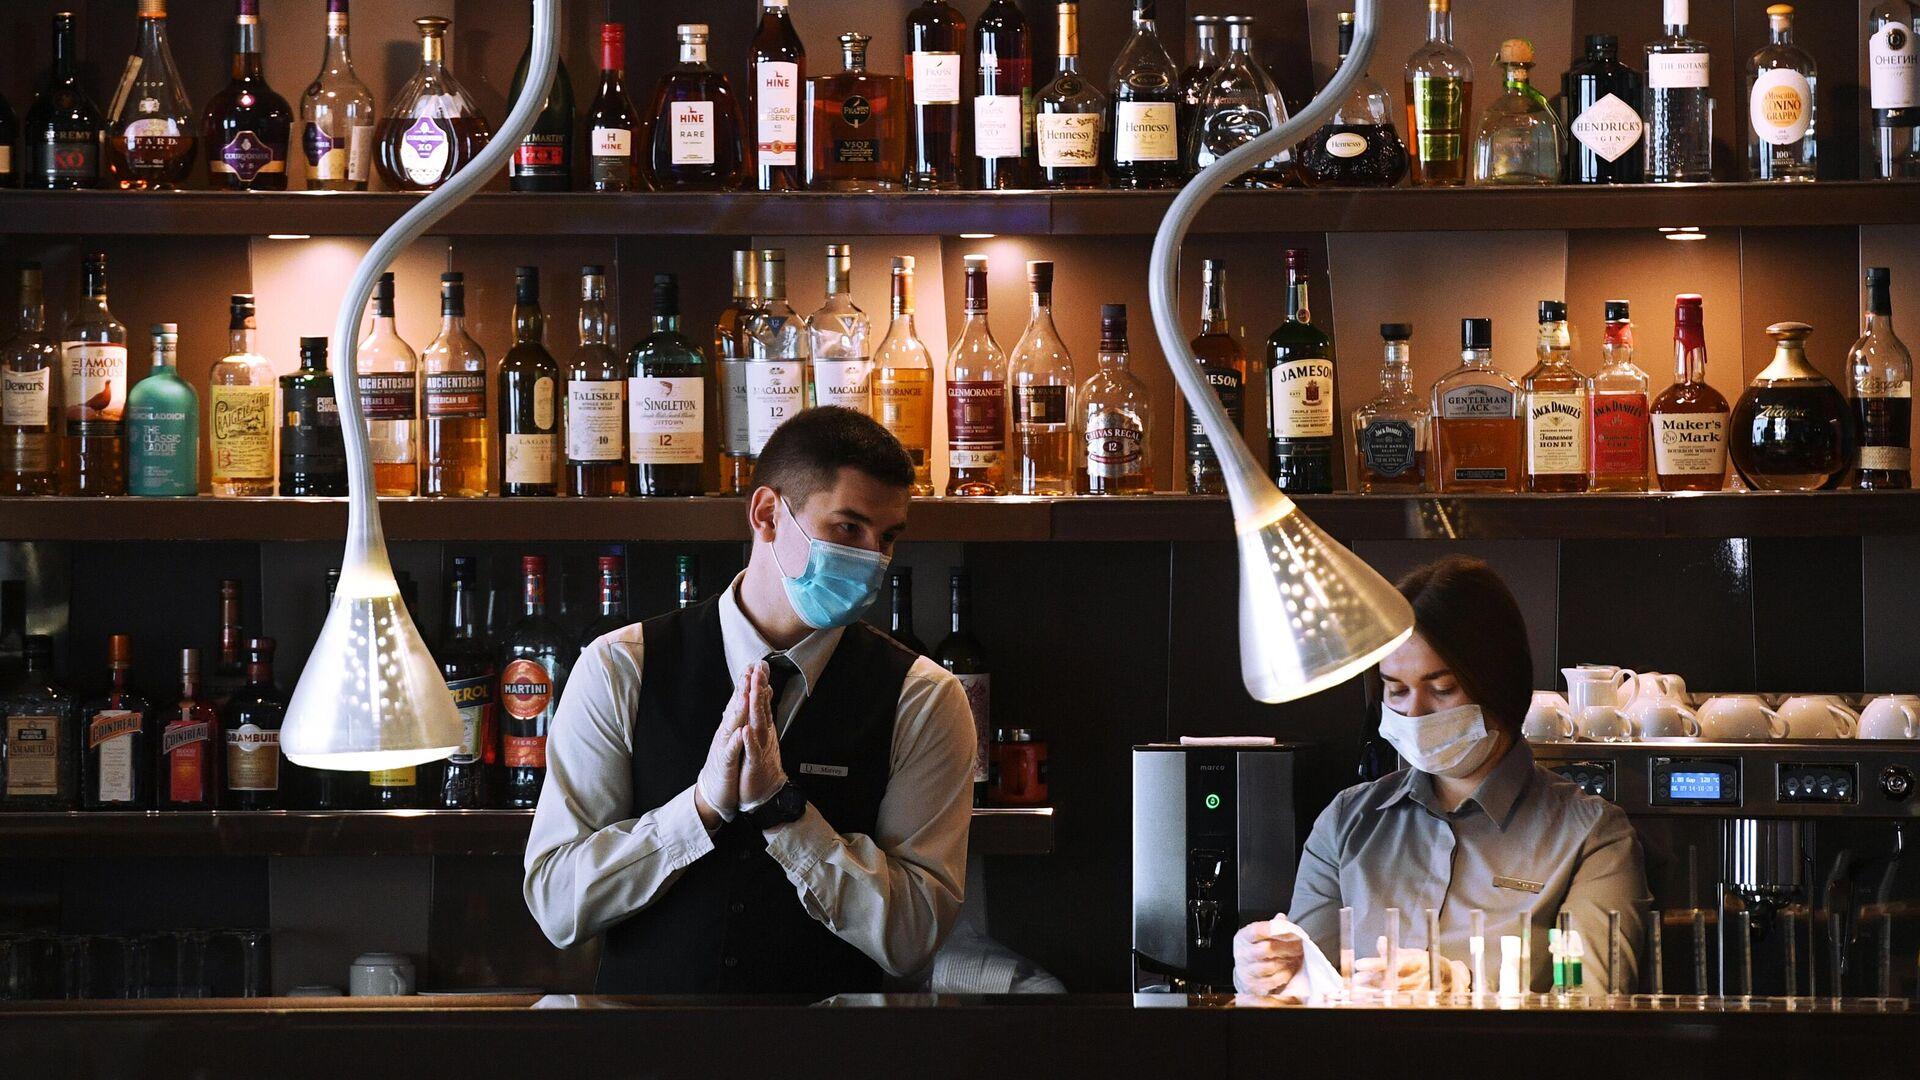 Сотрудники бара в защитных масках - РИА Новости, 1920, 07.11.2020